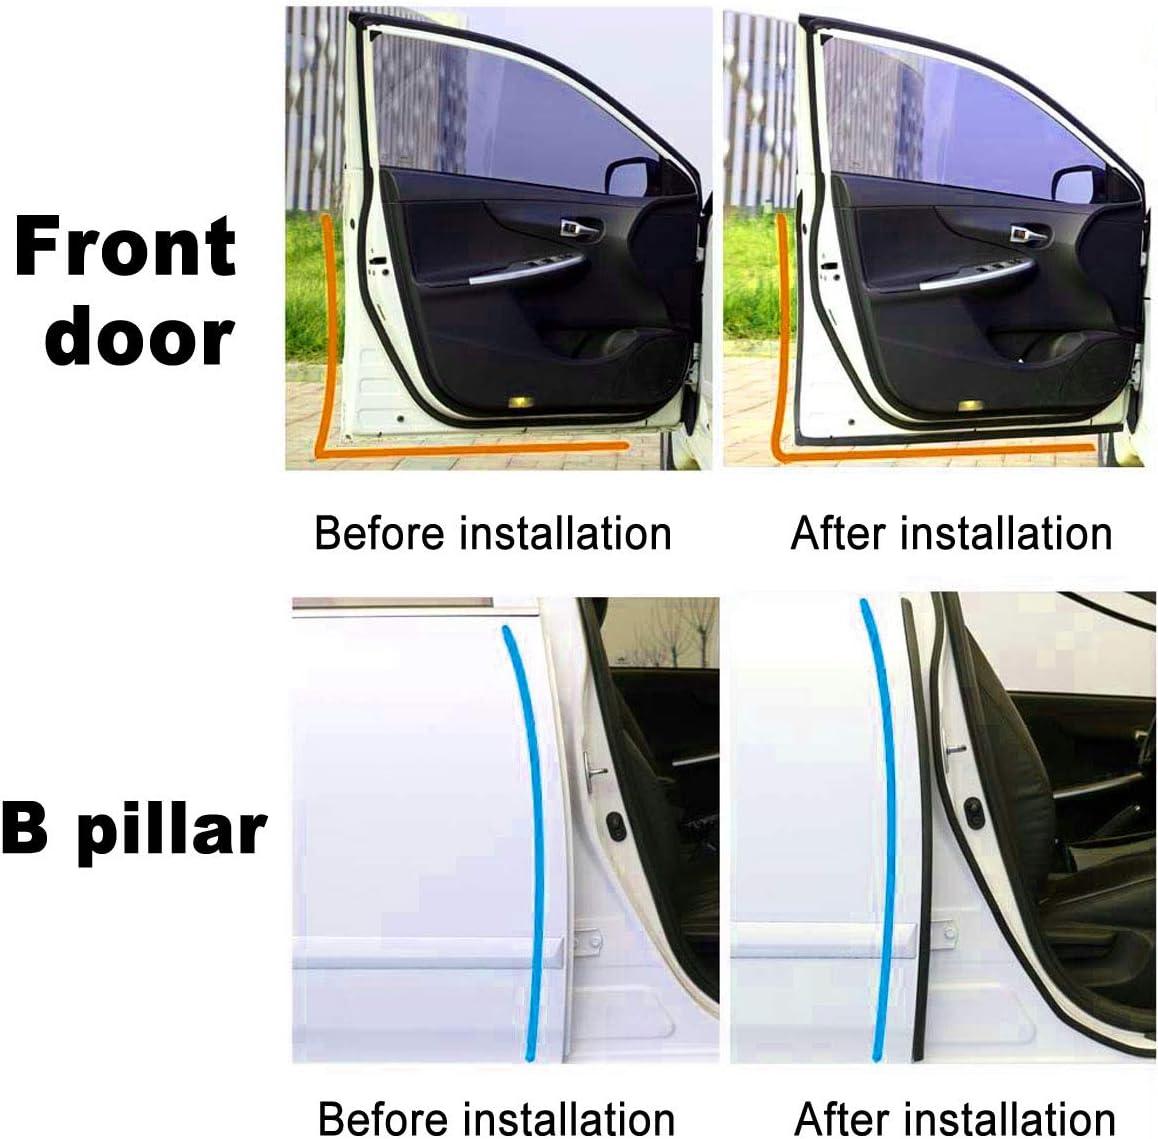 ELEDUCTMON Door Sealing Car Rubber Weatherstrip Kit Suitable for Tesla Model 3 Car Door Door Seal Kit,Soundproofing /& Noise Reduction,8 Pack Door Edge Guards,Self Adhesive Car Rubber Sealing Strip